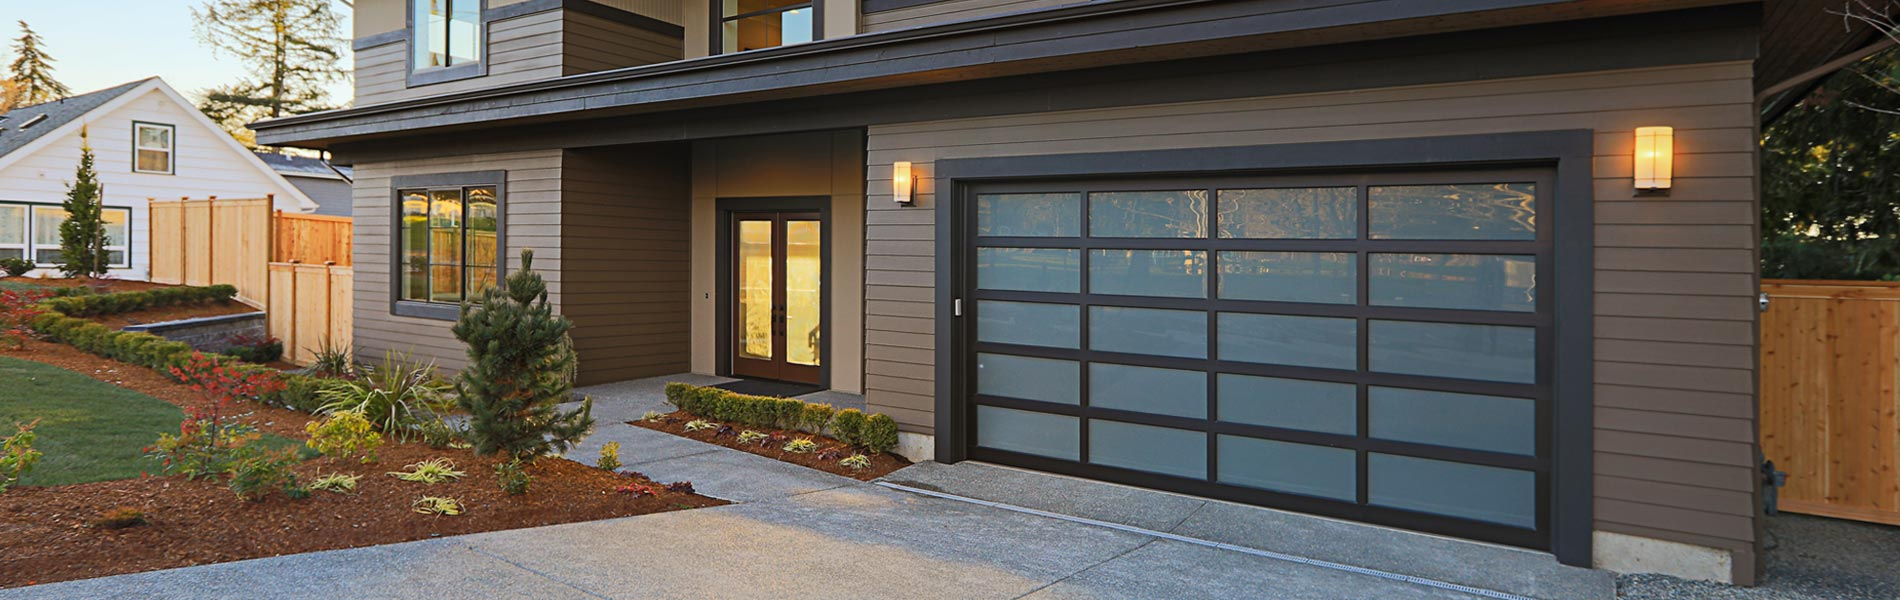 ... Community Garage Door Service Peoria, AZ 480 428 8488